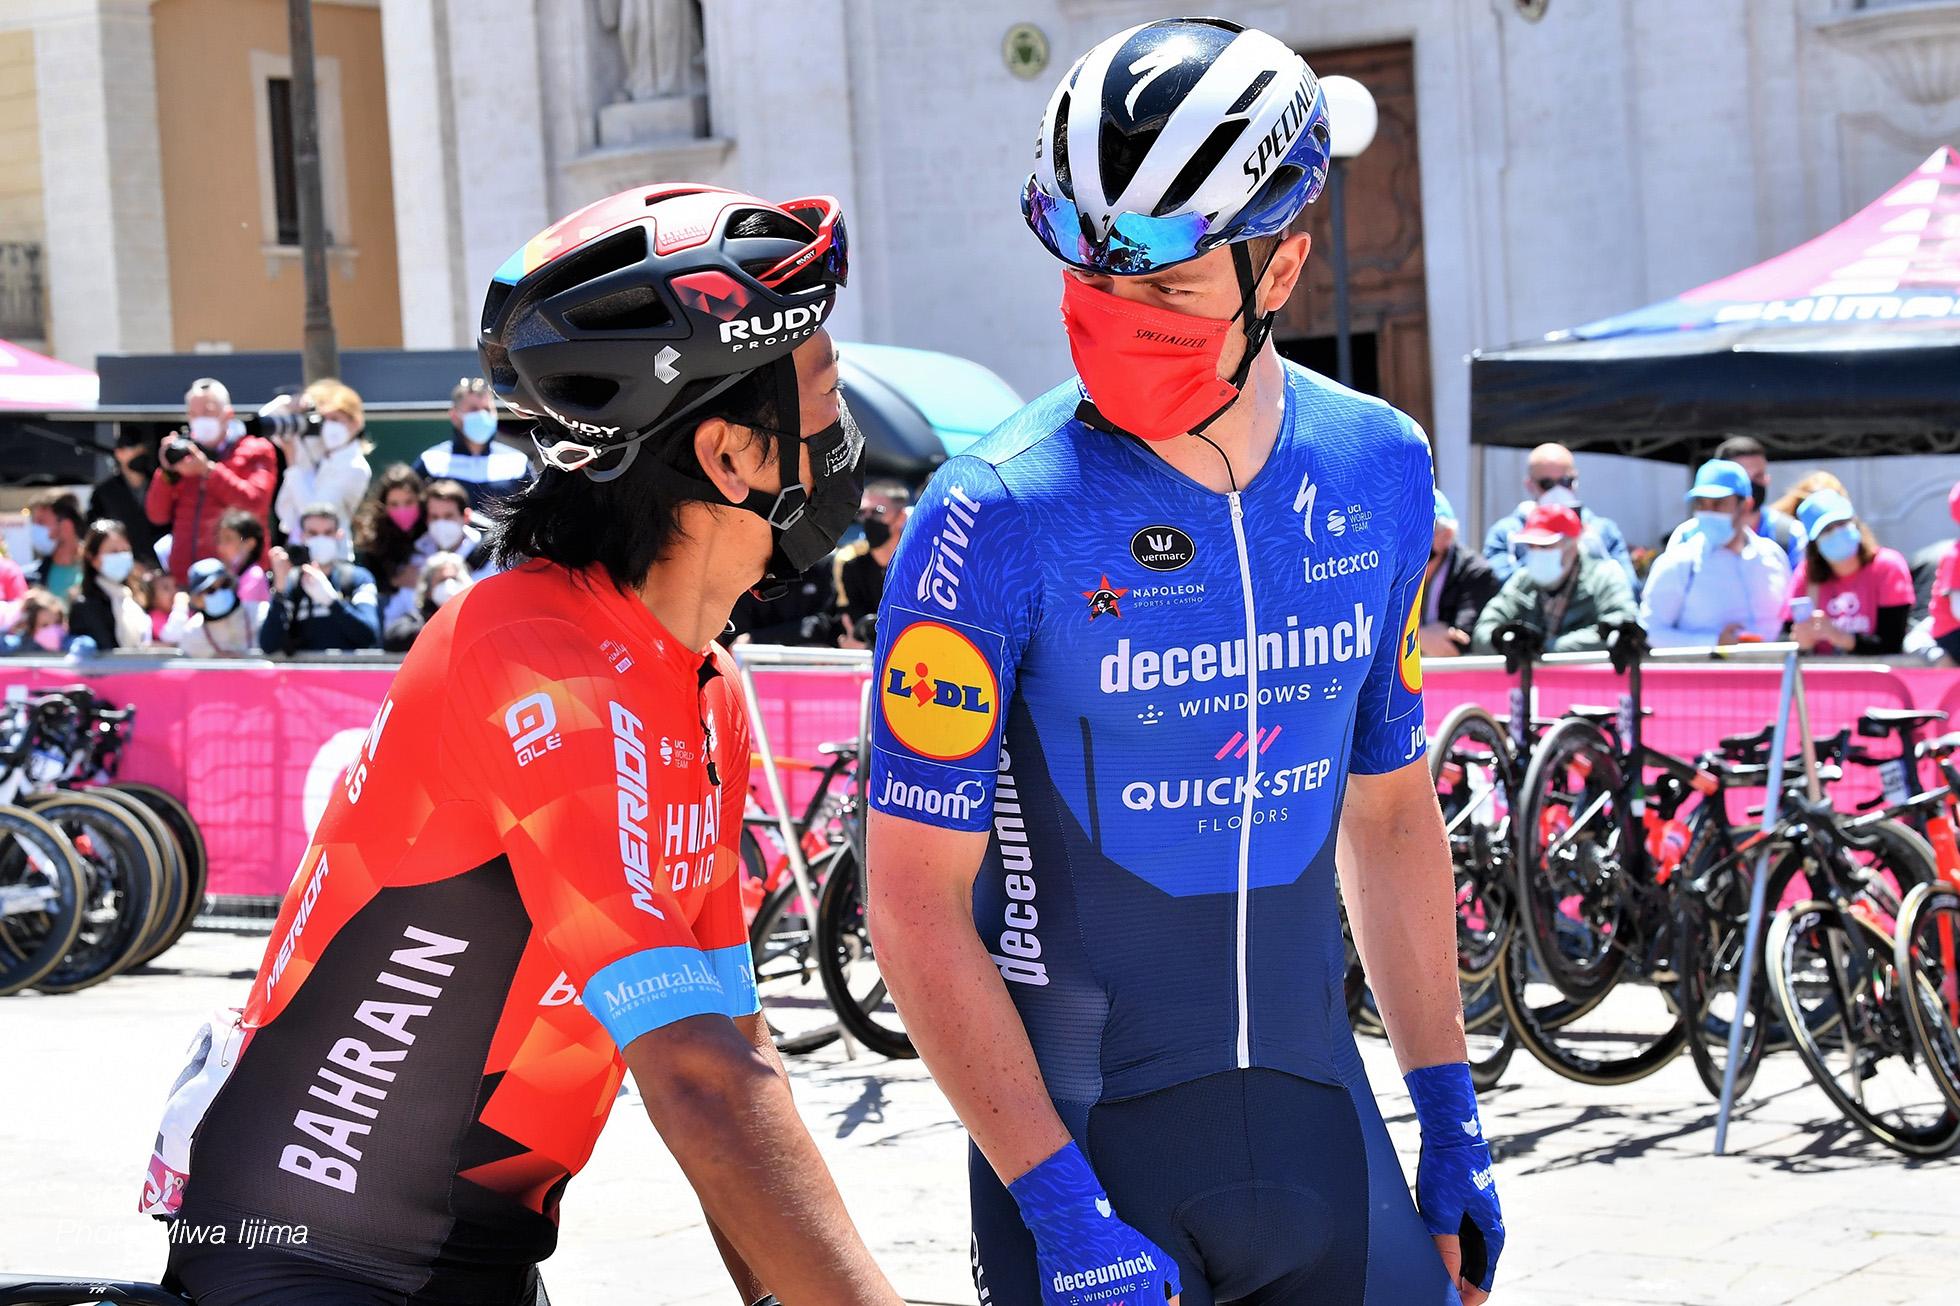 104回 ジロ・デ・イタリア 新城幸也 ユキヤ通信 Stage 10